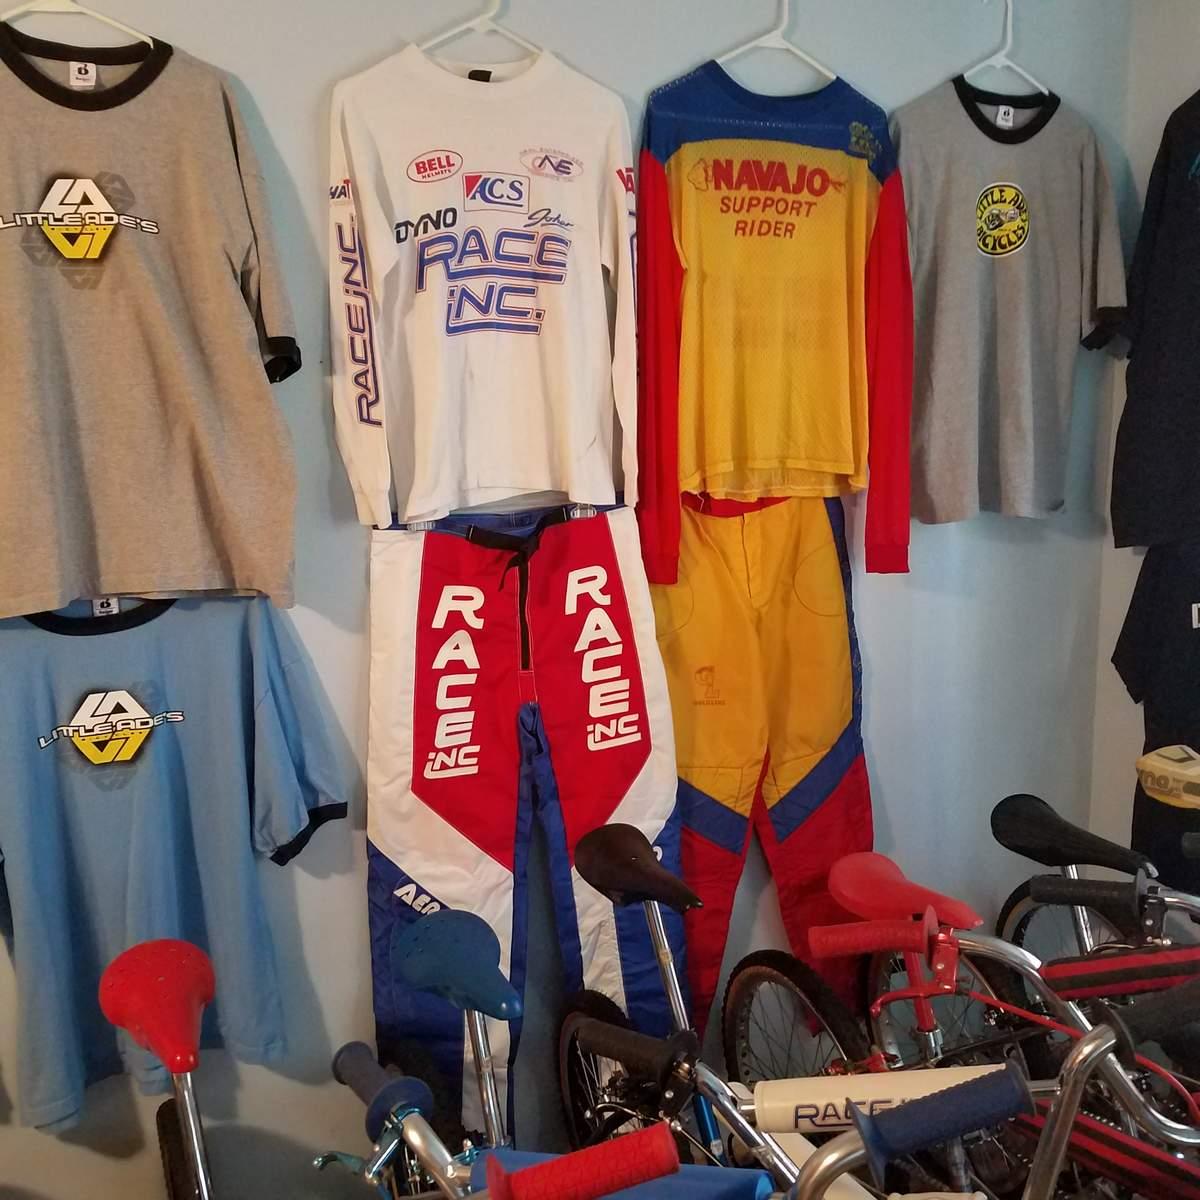 http://uploads.bmxmuseum.com/user-images/3408/20200101_1441445e0d058168.jpg